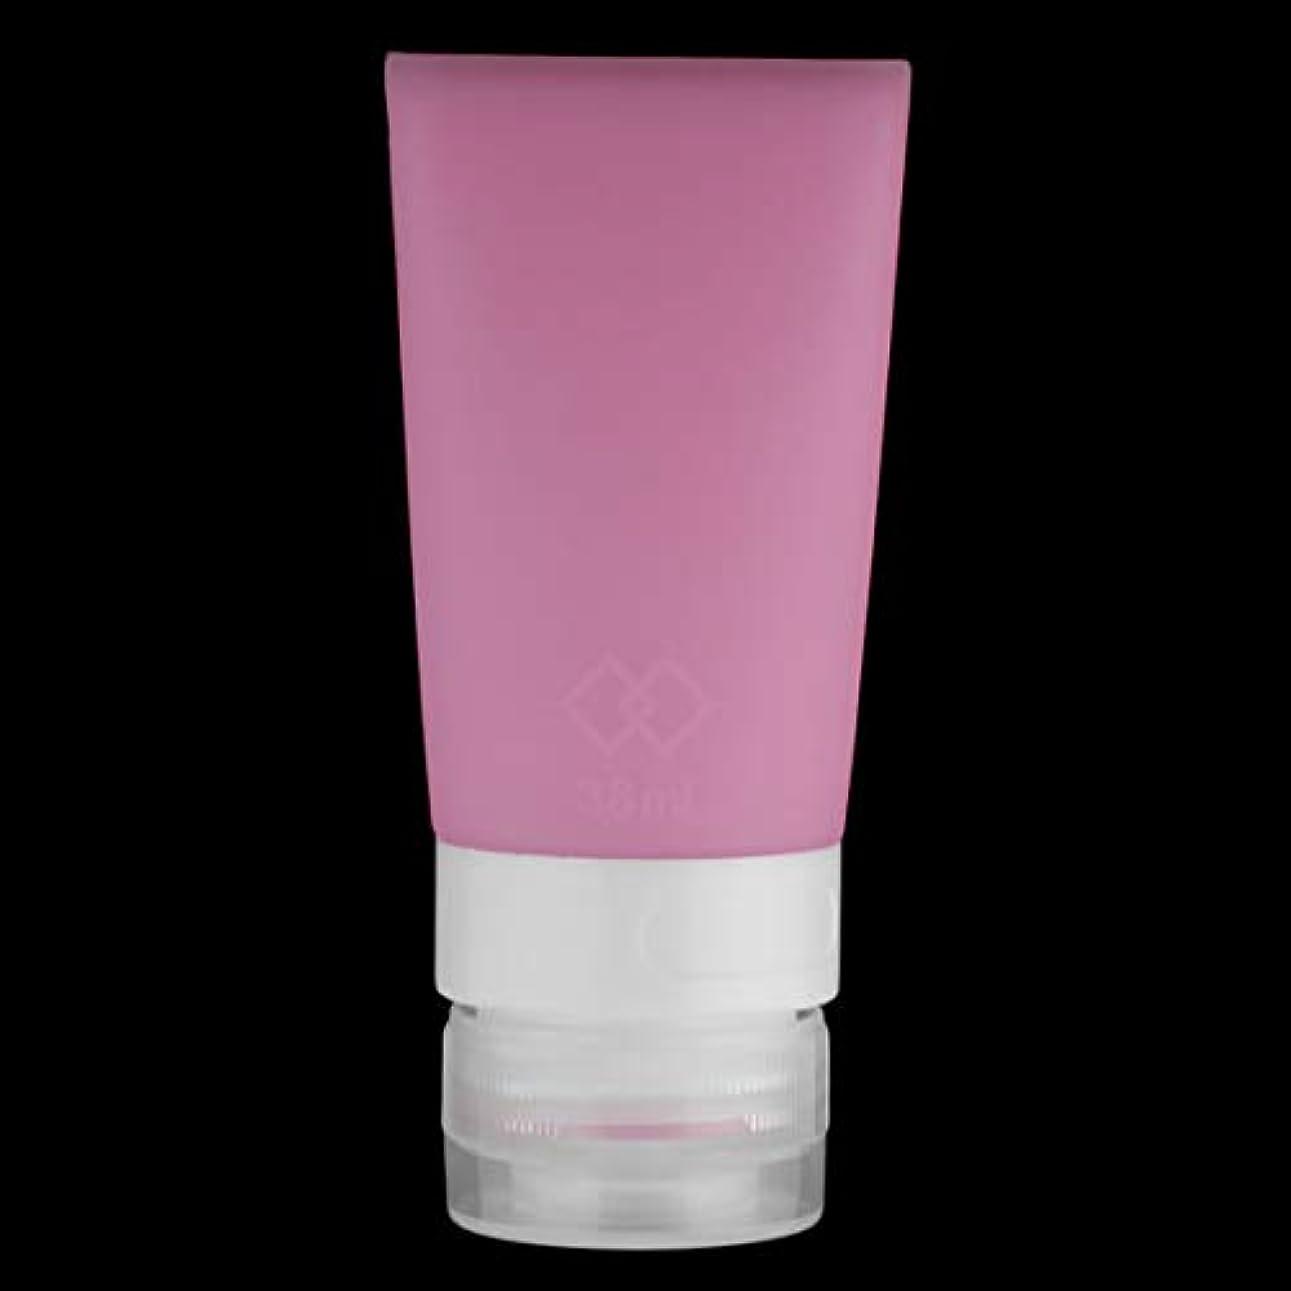 大きなスケールで見るとペンフレンドおとこIntercoreyポータブル旅行空のボトルクリームローション化粧品チューブ香水容器